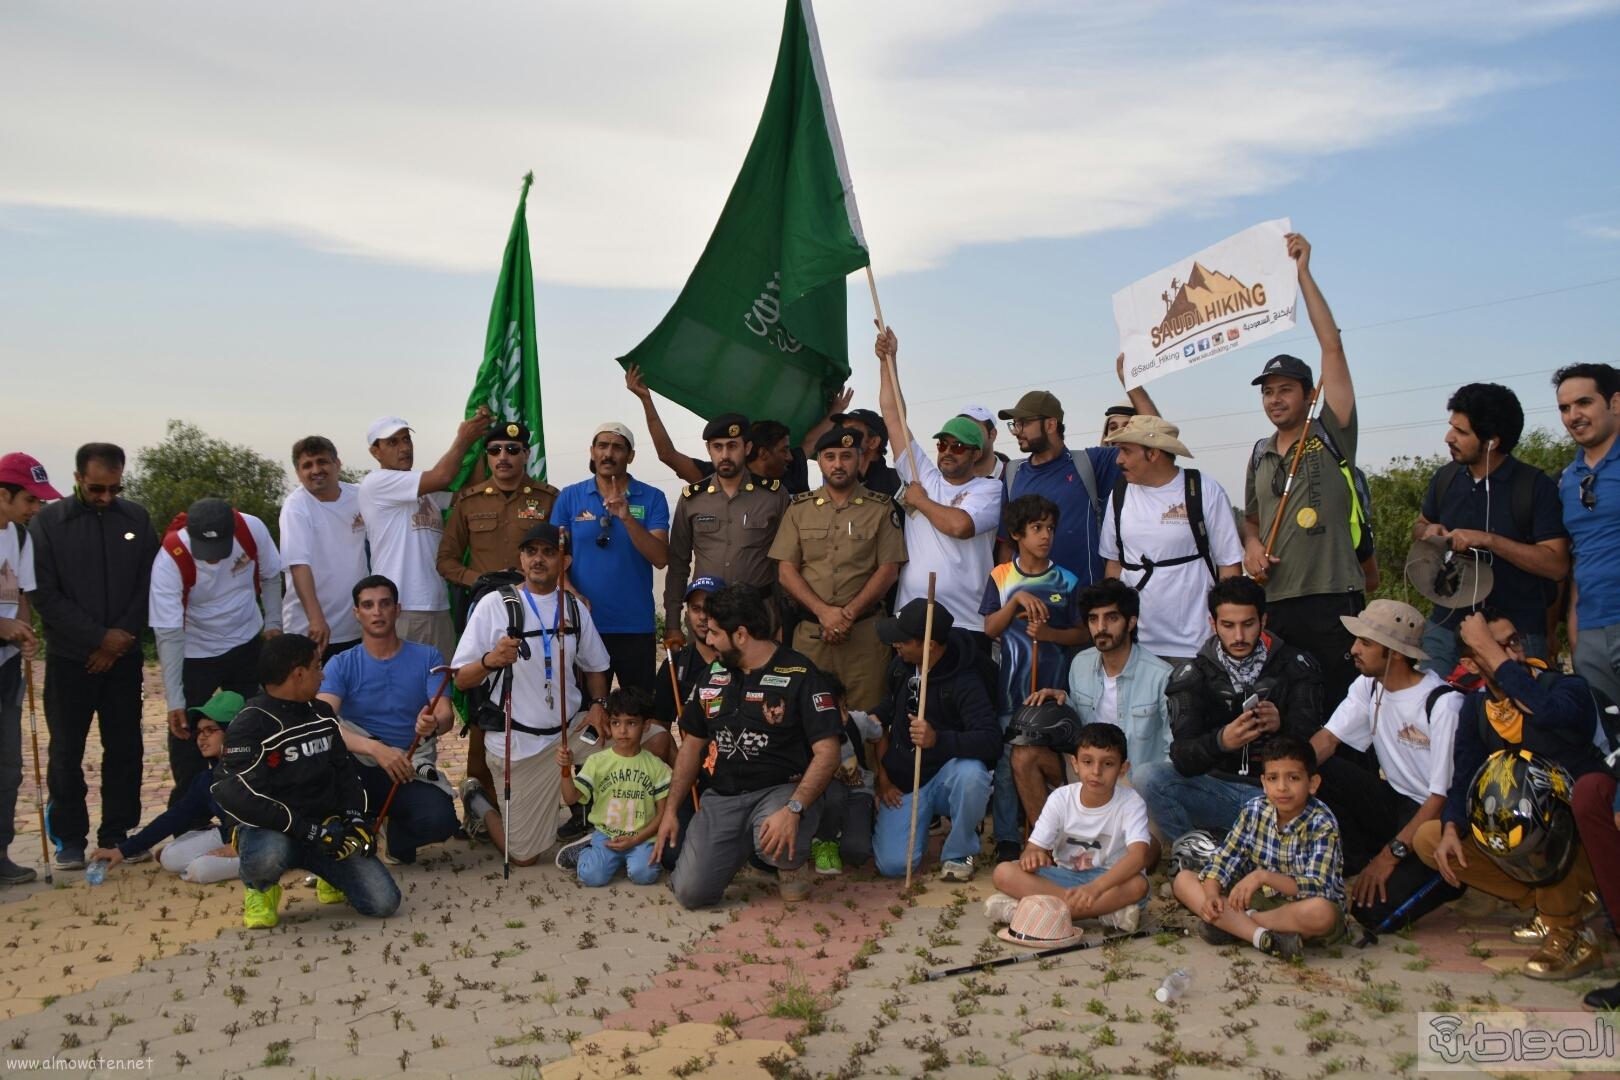 رفع علم السعودية في اعلى قمةعن طريق فريق هايكنج السعودية (7)